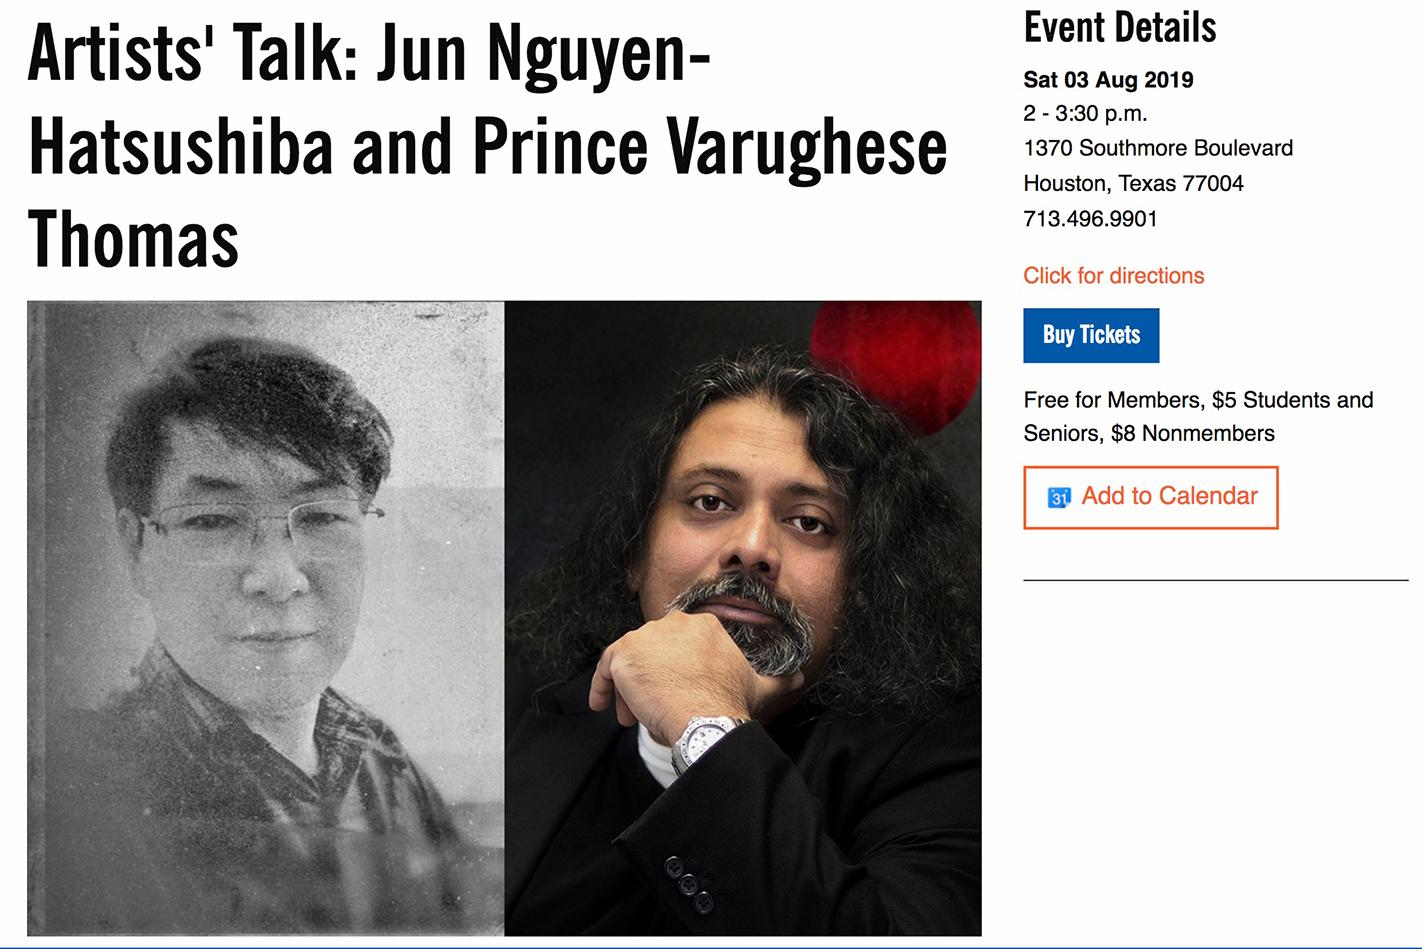 RECENT NEWS « Prince Varughese Thomas